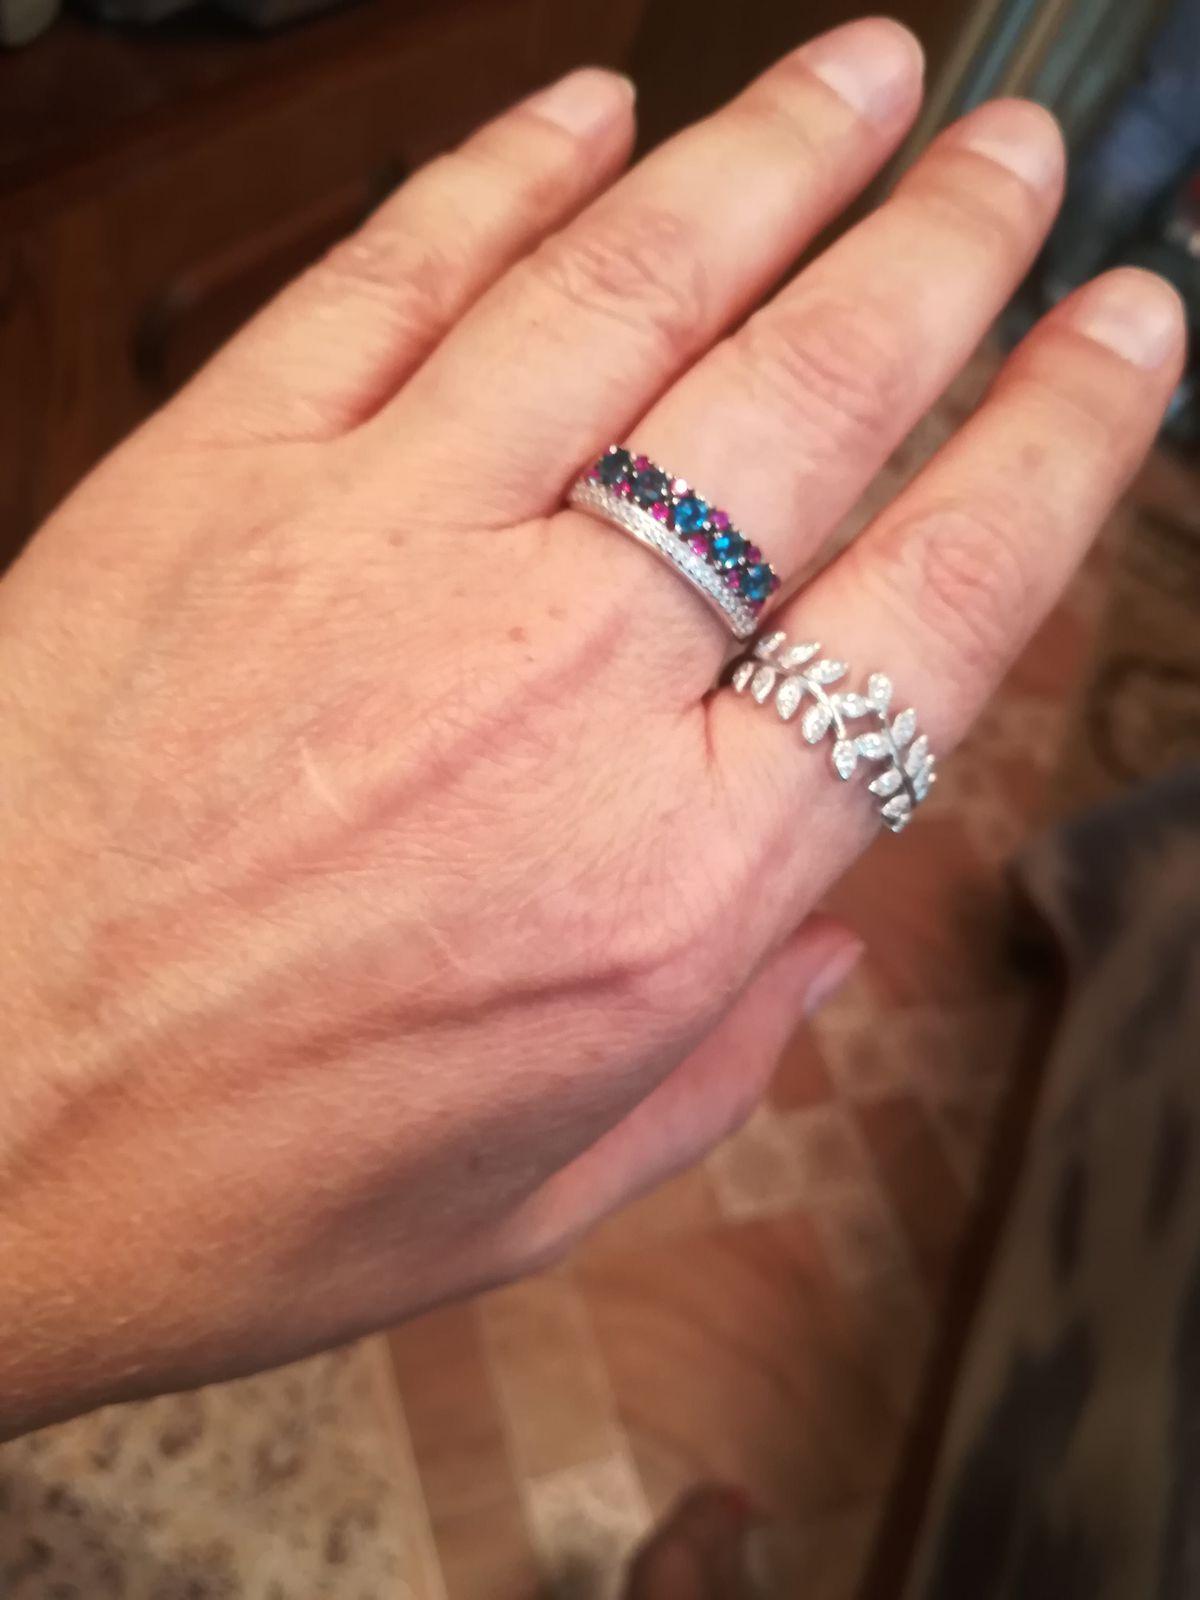 Не кольцо, а лавровый венок, только на пальце.